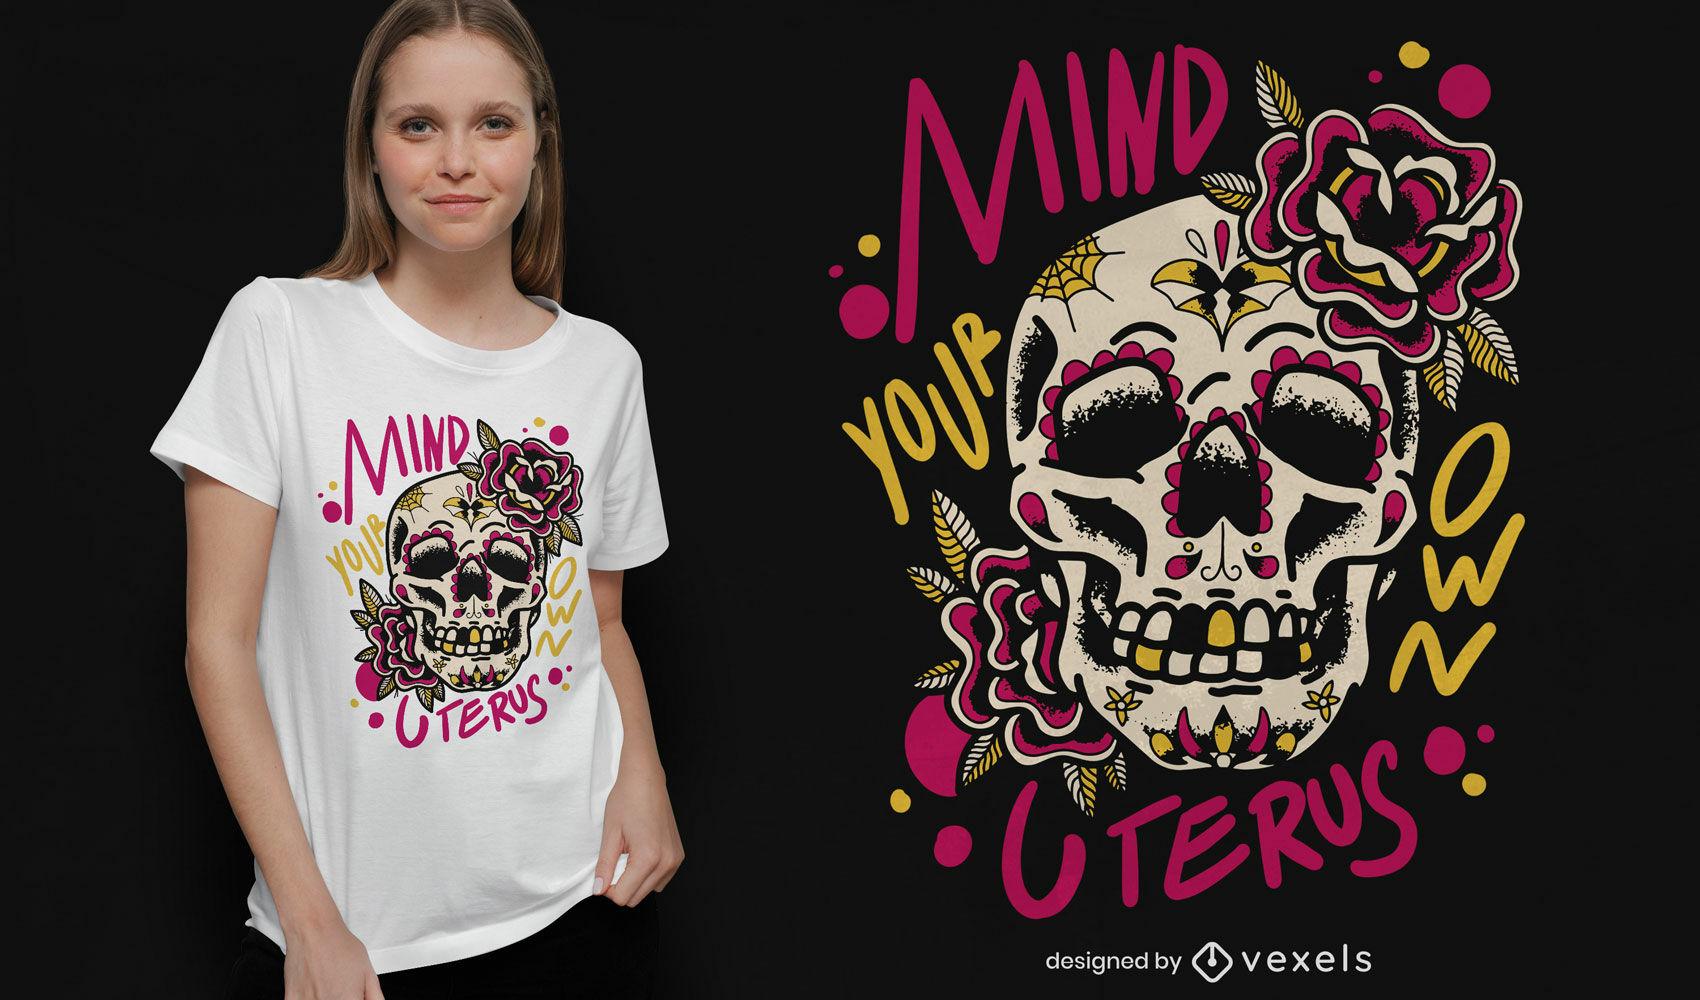 Uterus quote floral skull t-shirt design